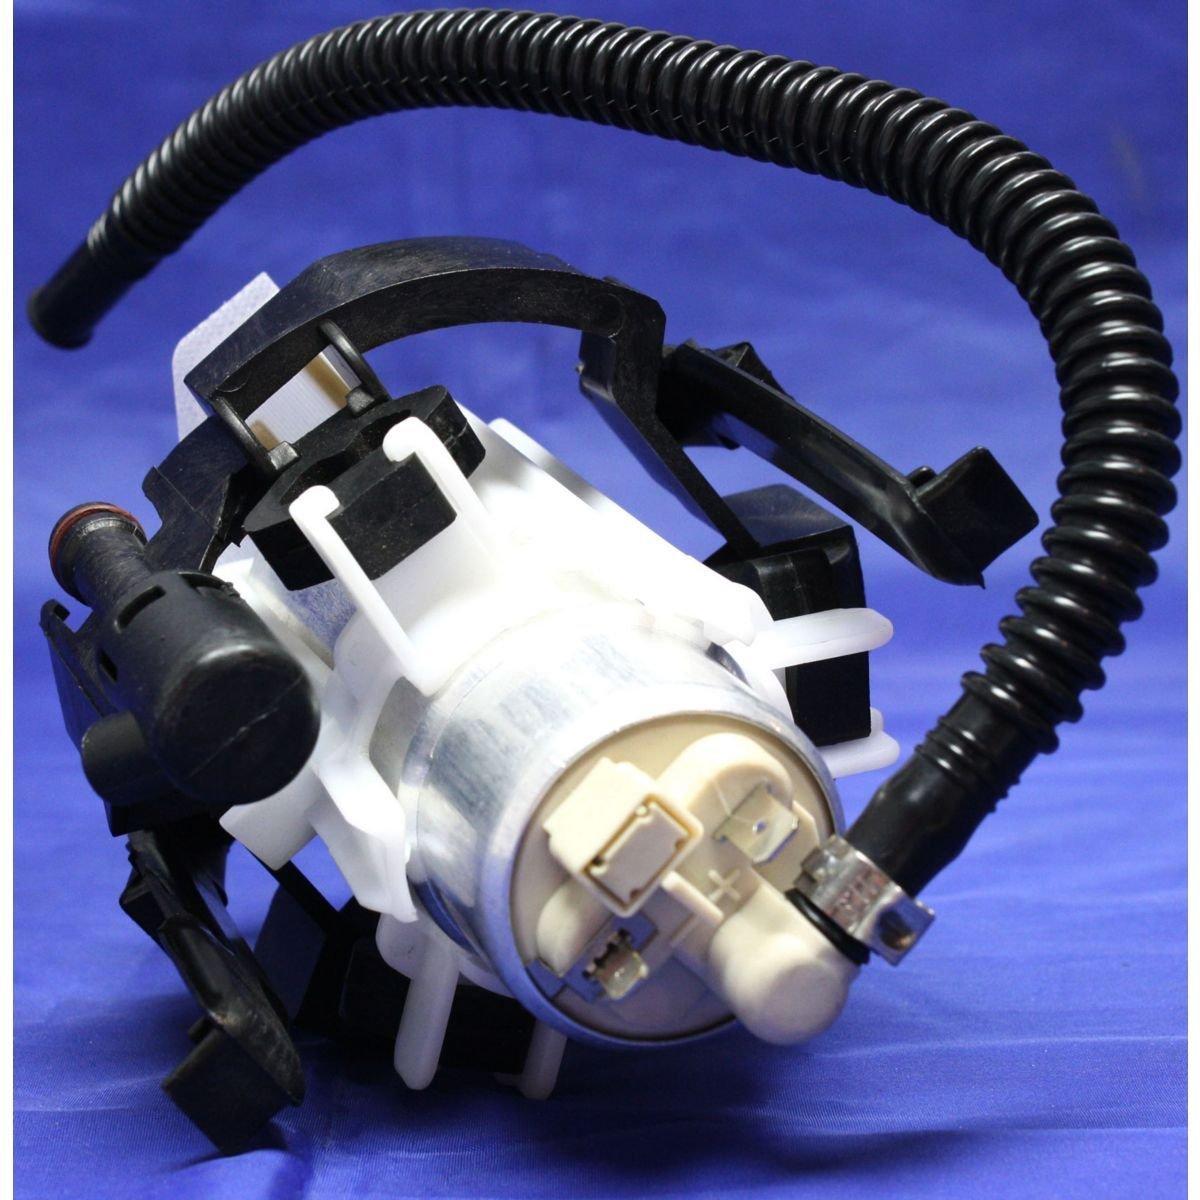 Diften 323-A0270-X01 - New Electric Fuel Pump Gas 525 540 528 530 E39 5 Series BMW 528i E60 525i 530i